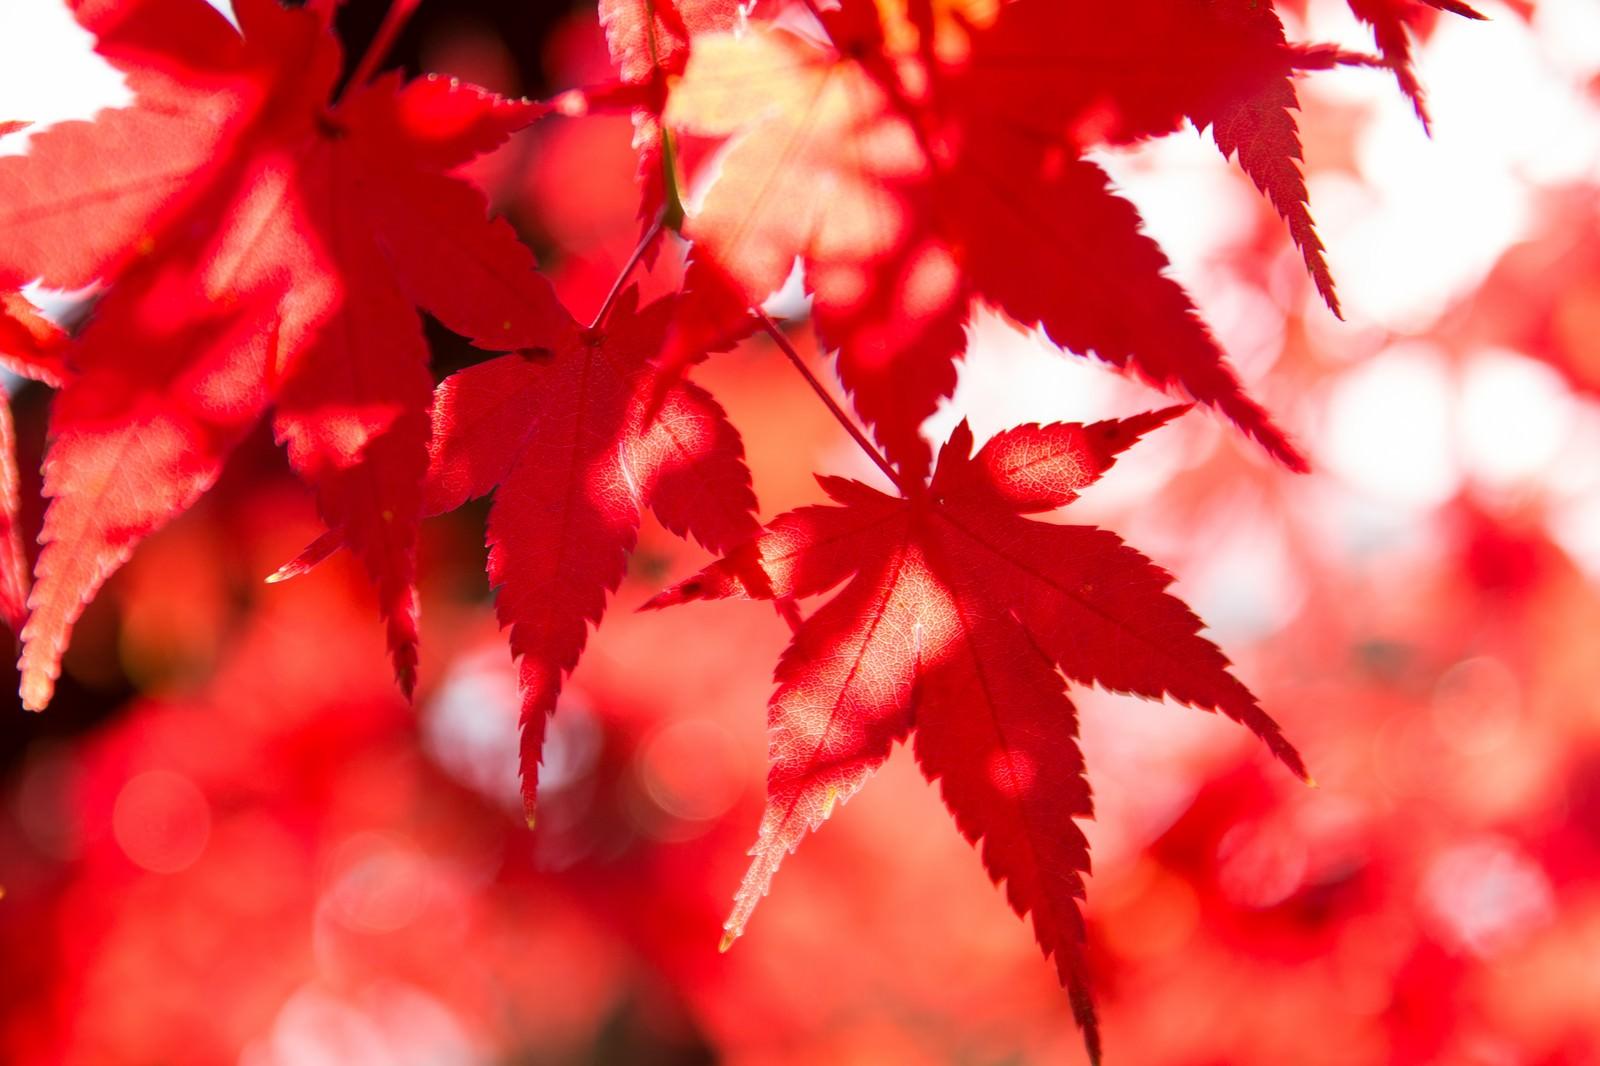 「鮮やかな彩りの紅葉」の写真